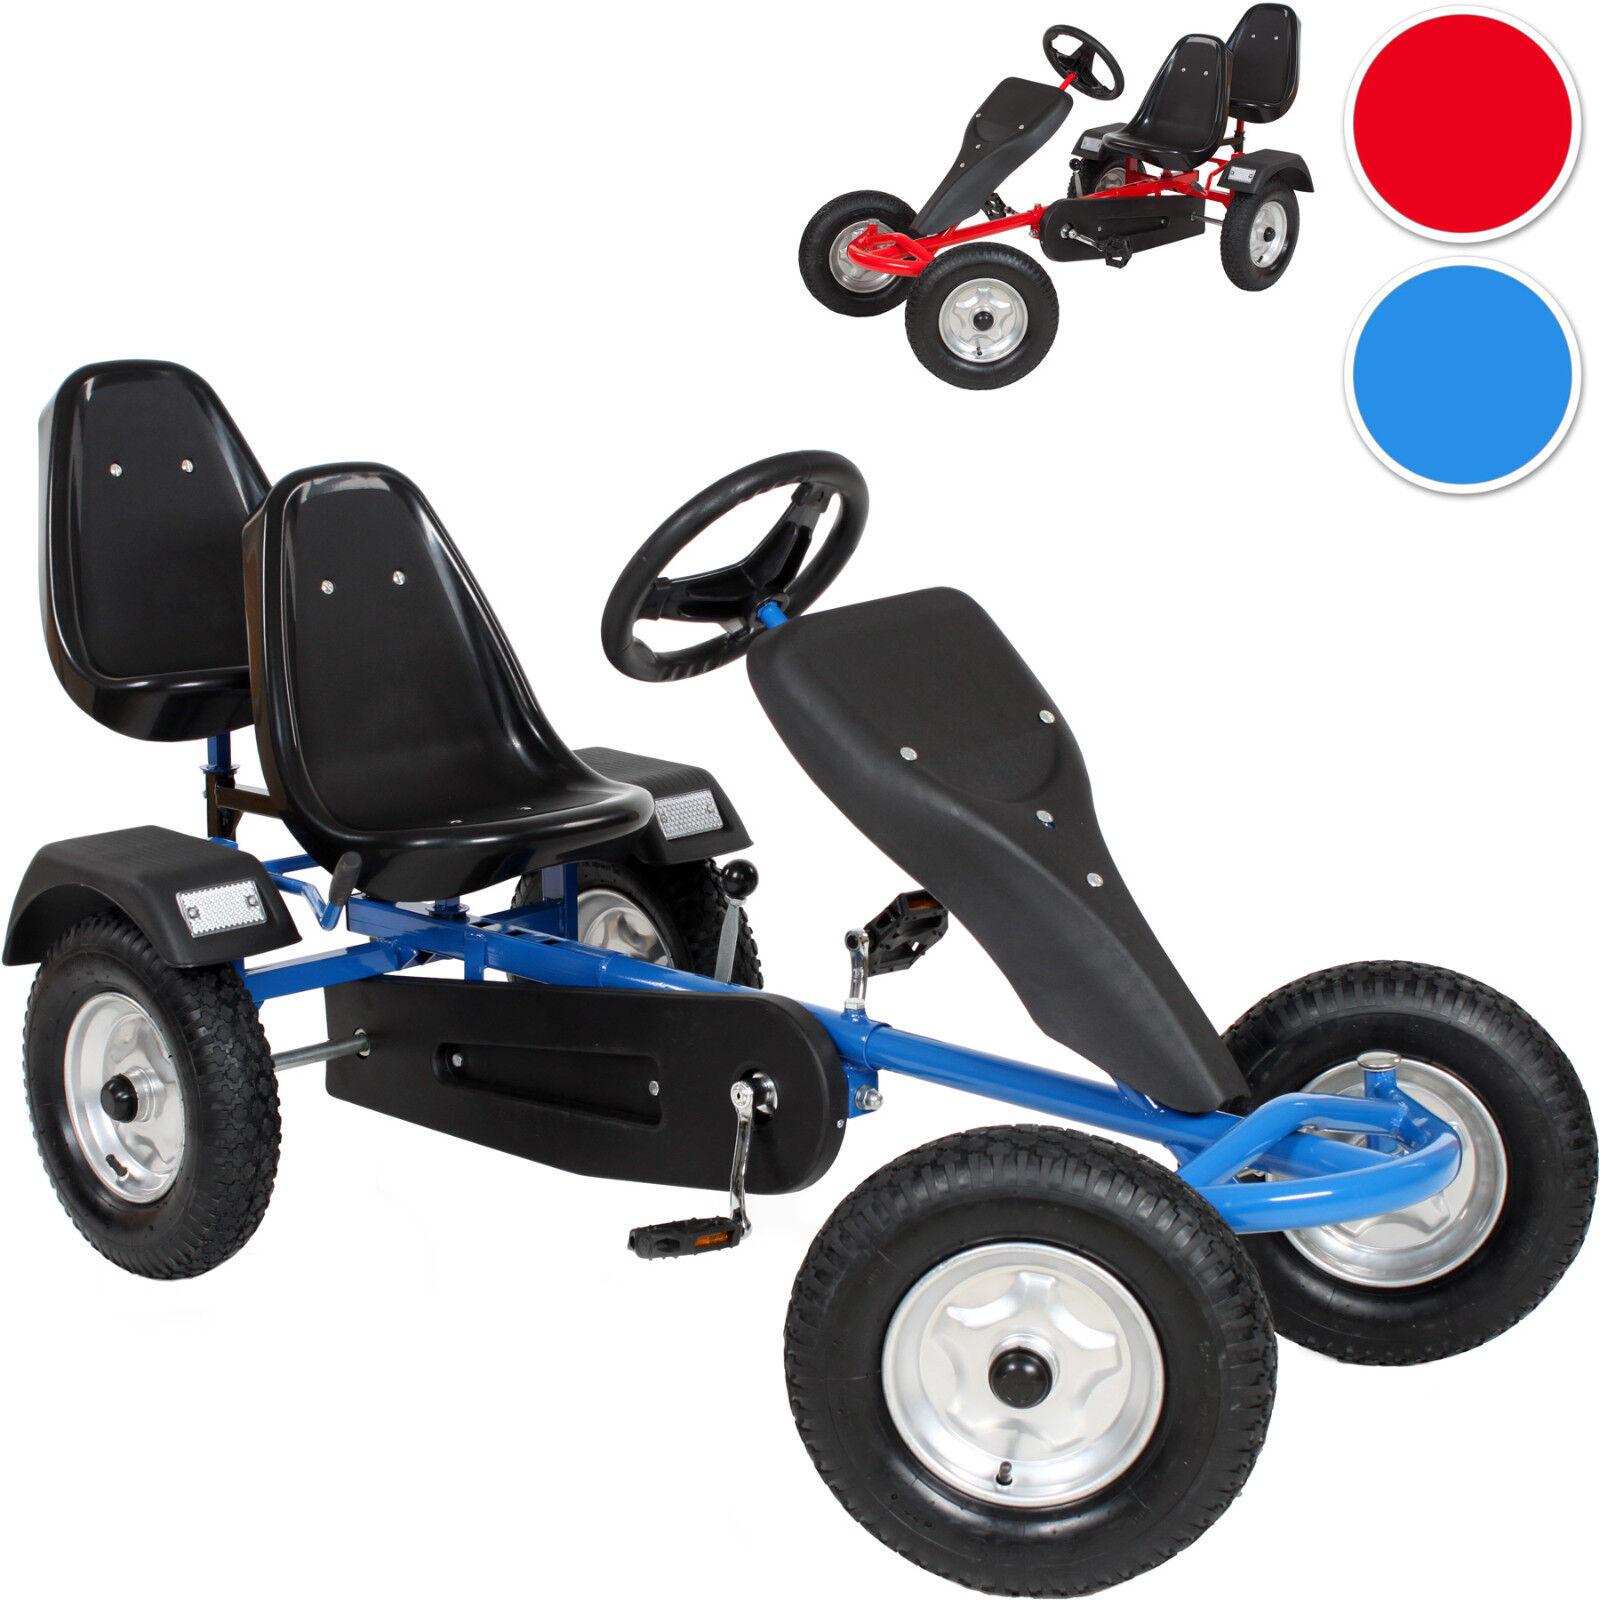 Go kart à pedales 2 places cart biplace véhicule enfants voiture